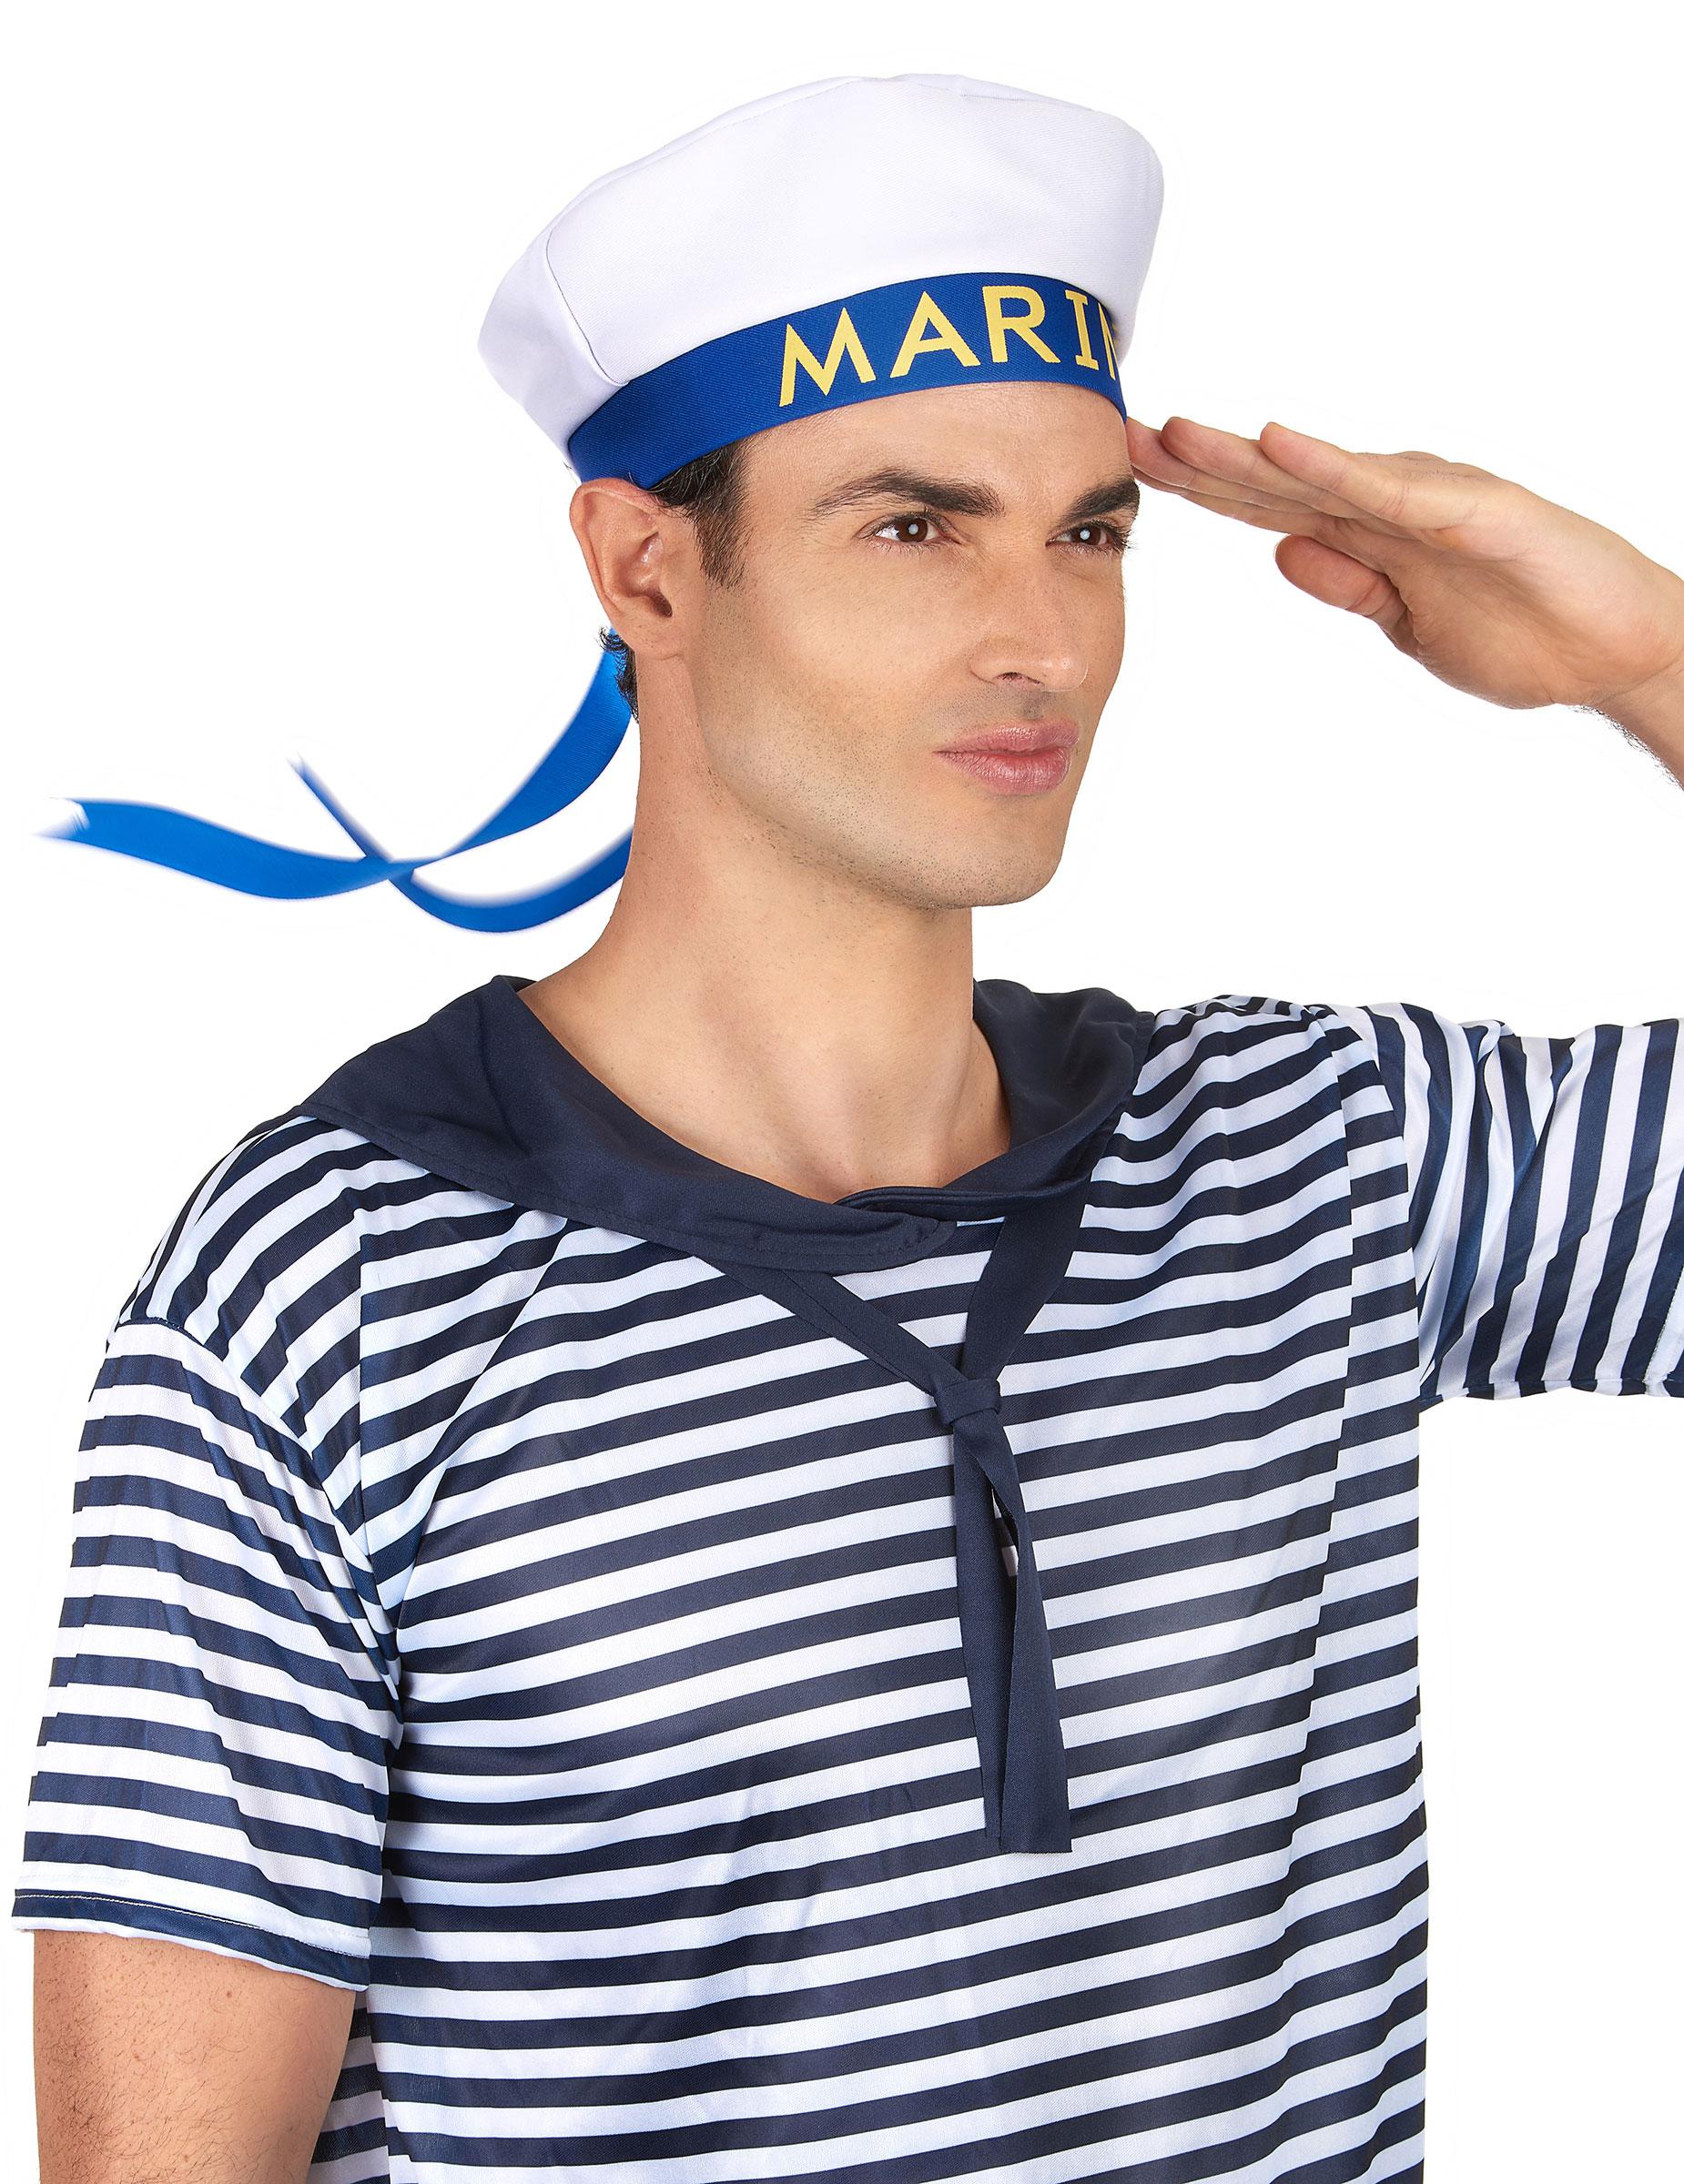 chapeau marin adulte achat de chapeaux sur vegaoopro grossiste en d guisements. Black Bedroom Furniture Sets. Home Design Ideas